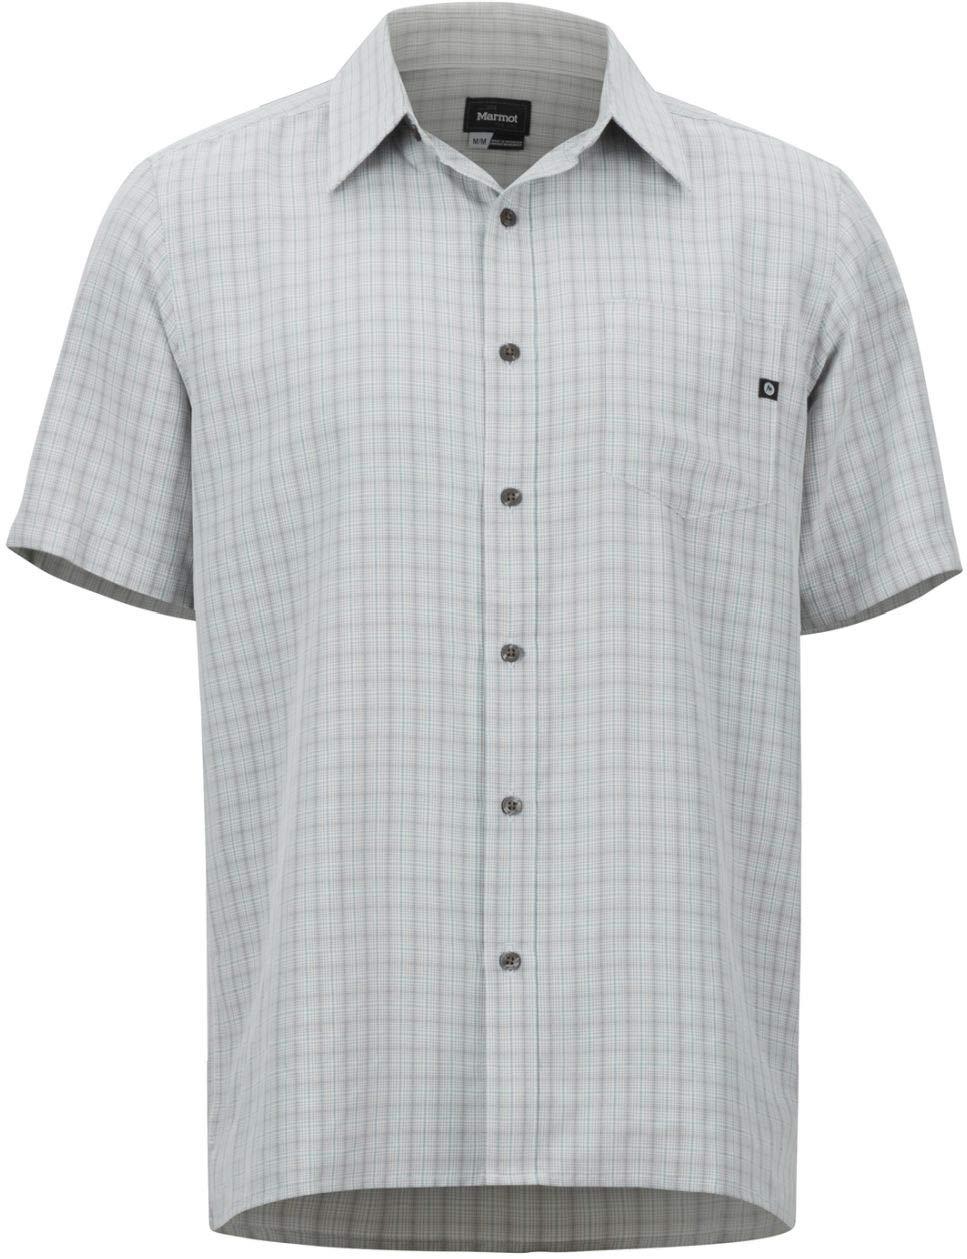 Marmot Herren Eldridge Kurzarm Hemd Wanderhemd